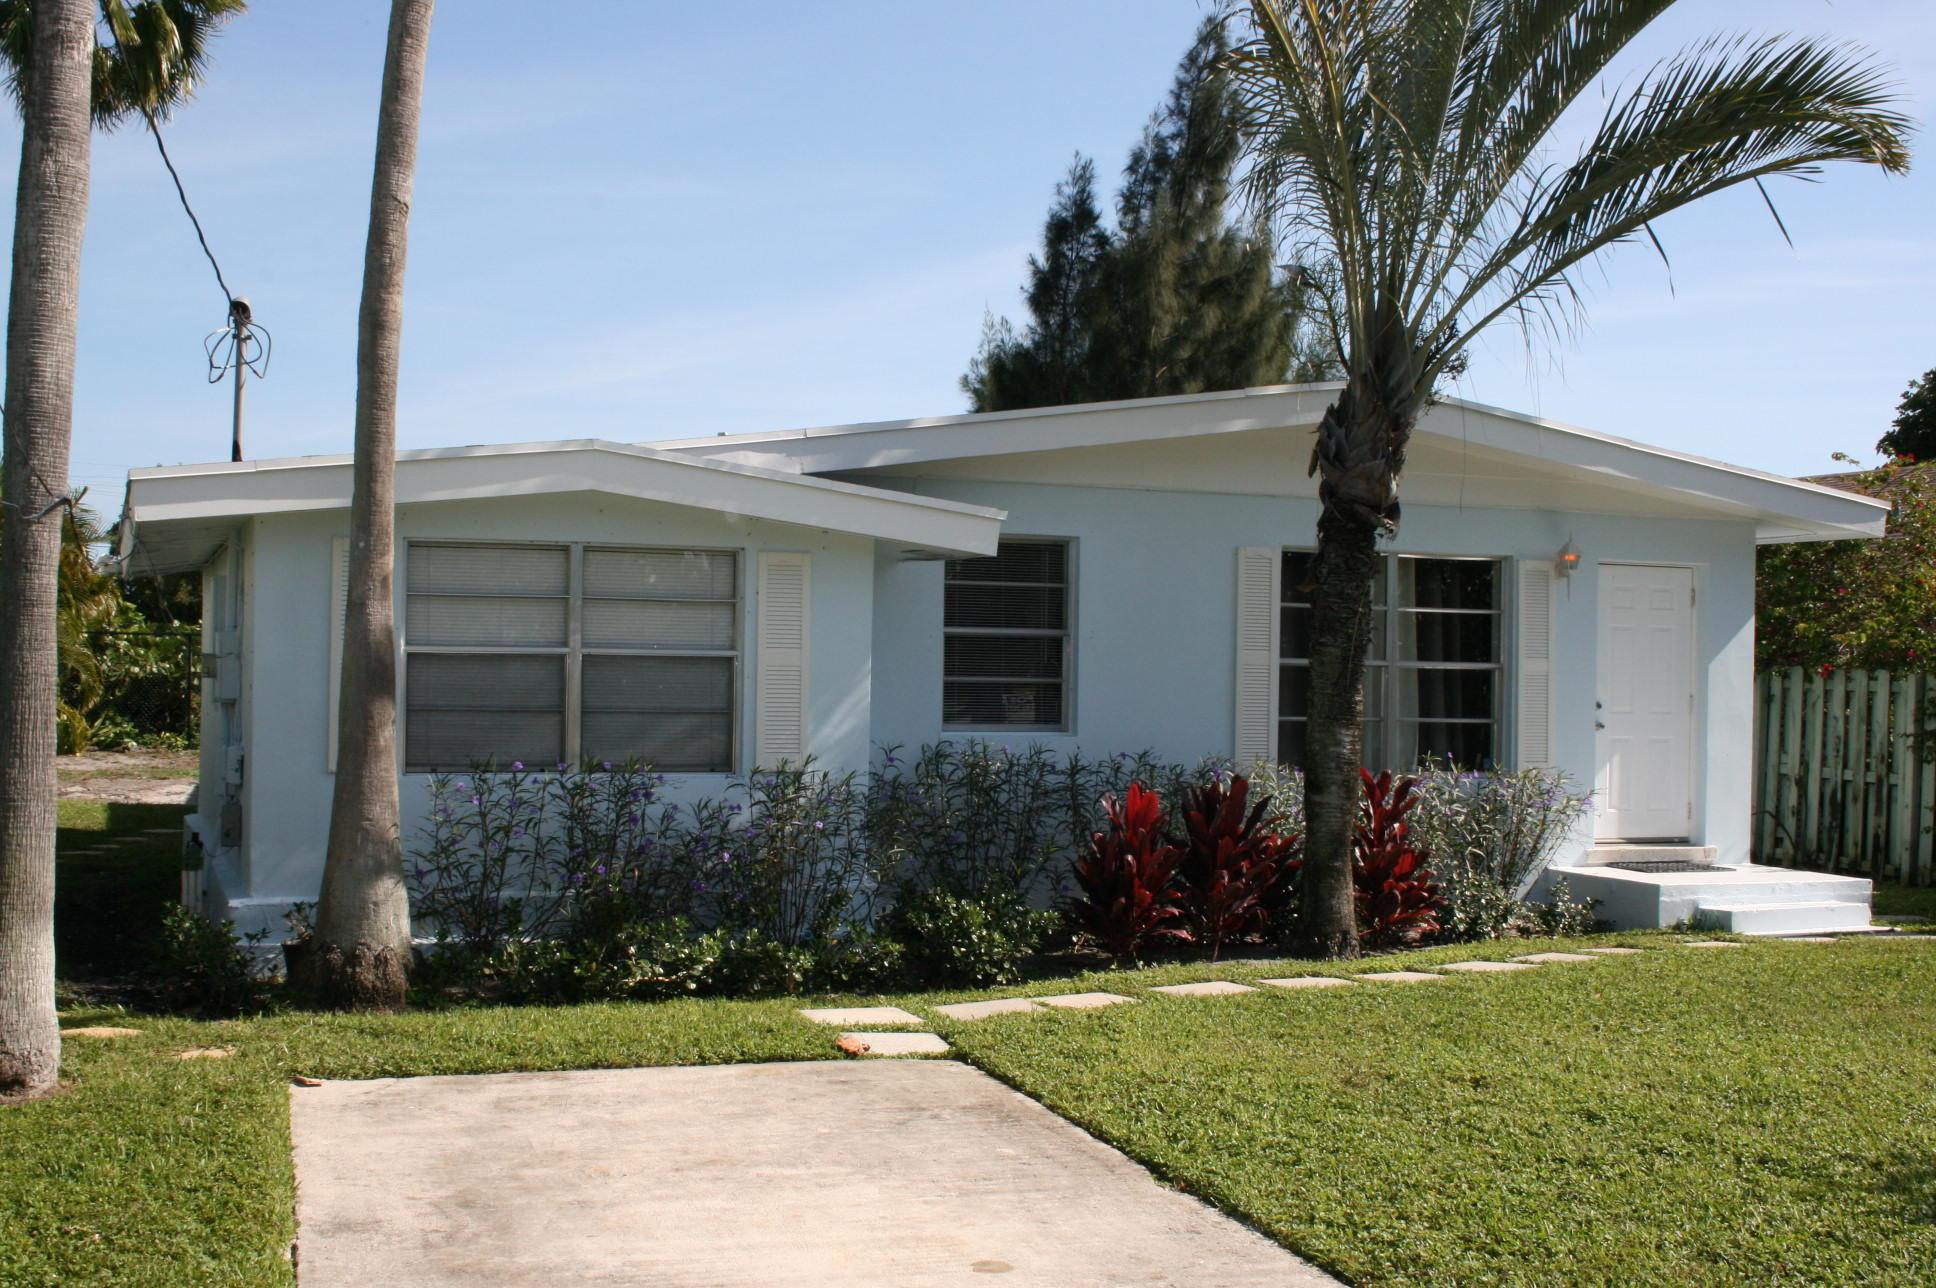 621 NE 3rd Avenue  Delray Beach, FL 33444